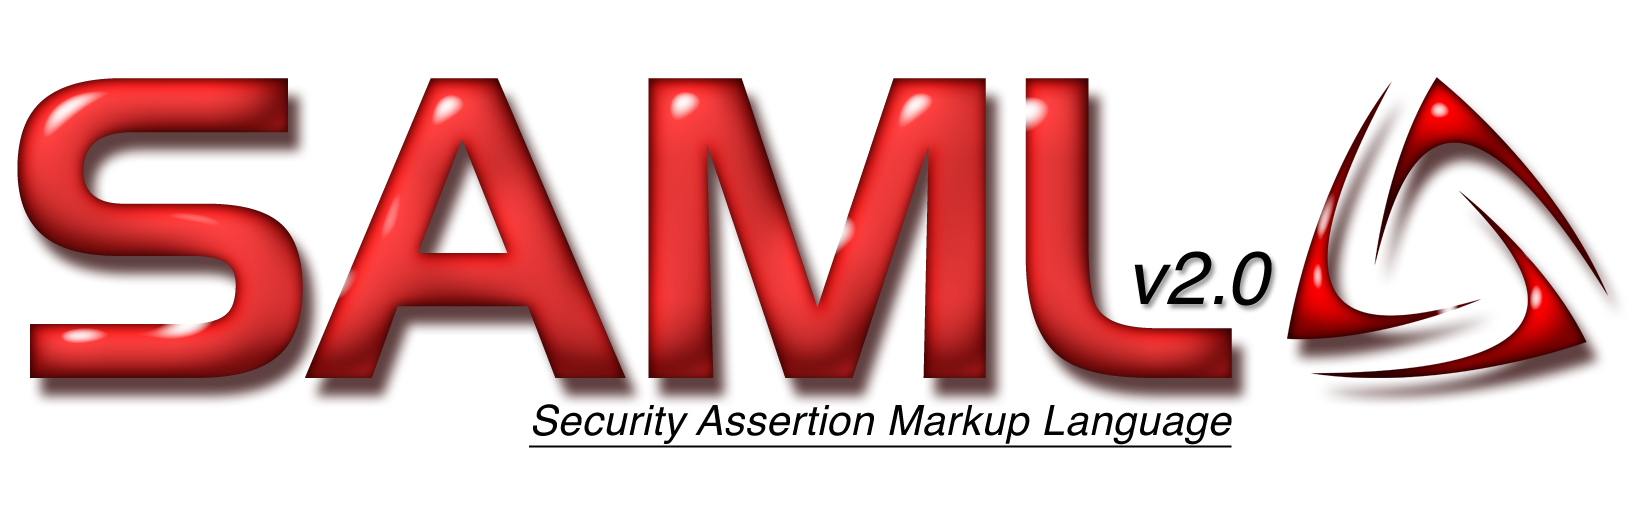 Login using Custom SAML Method